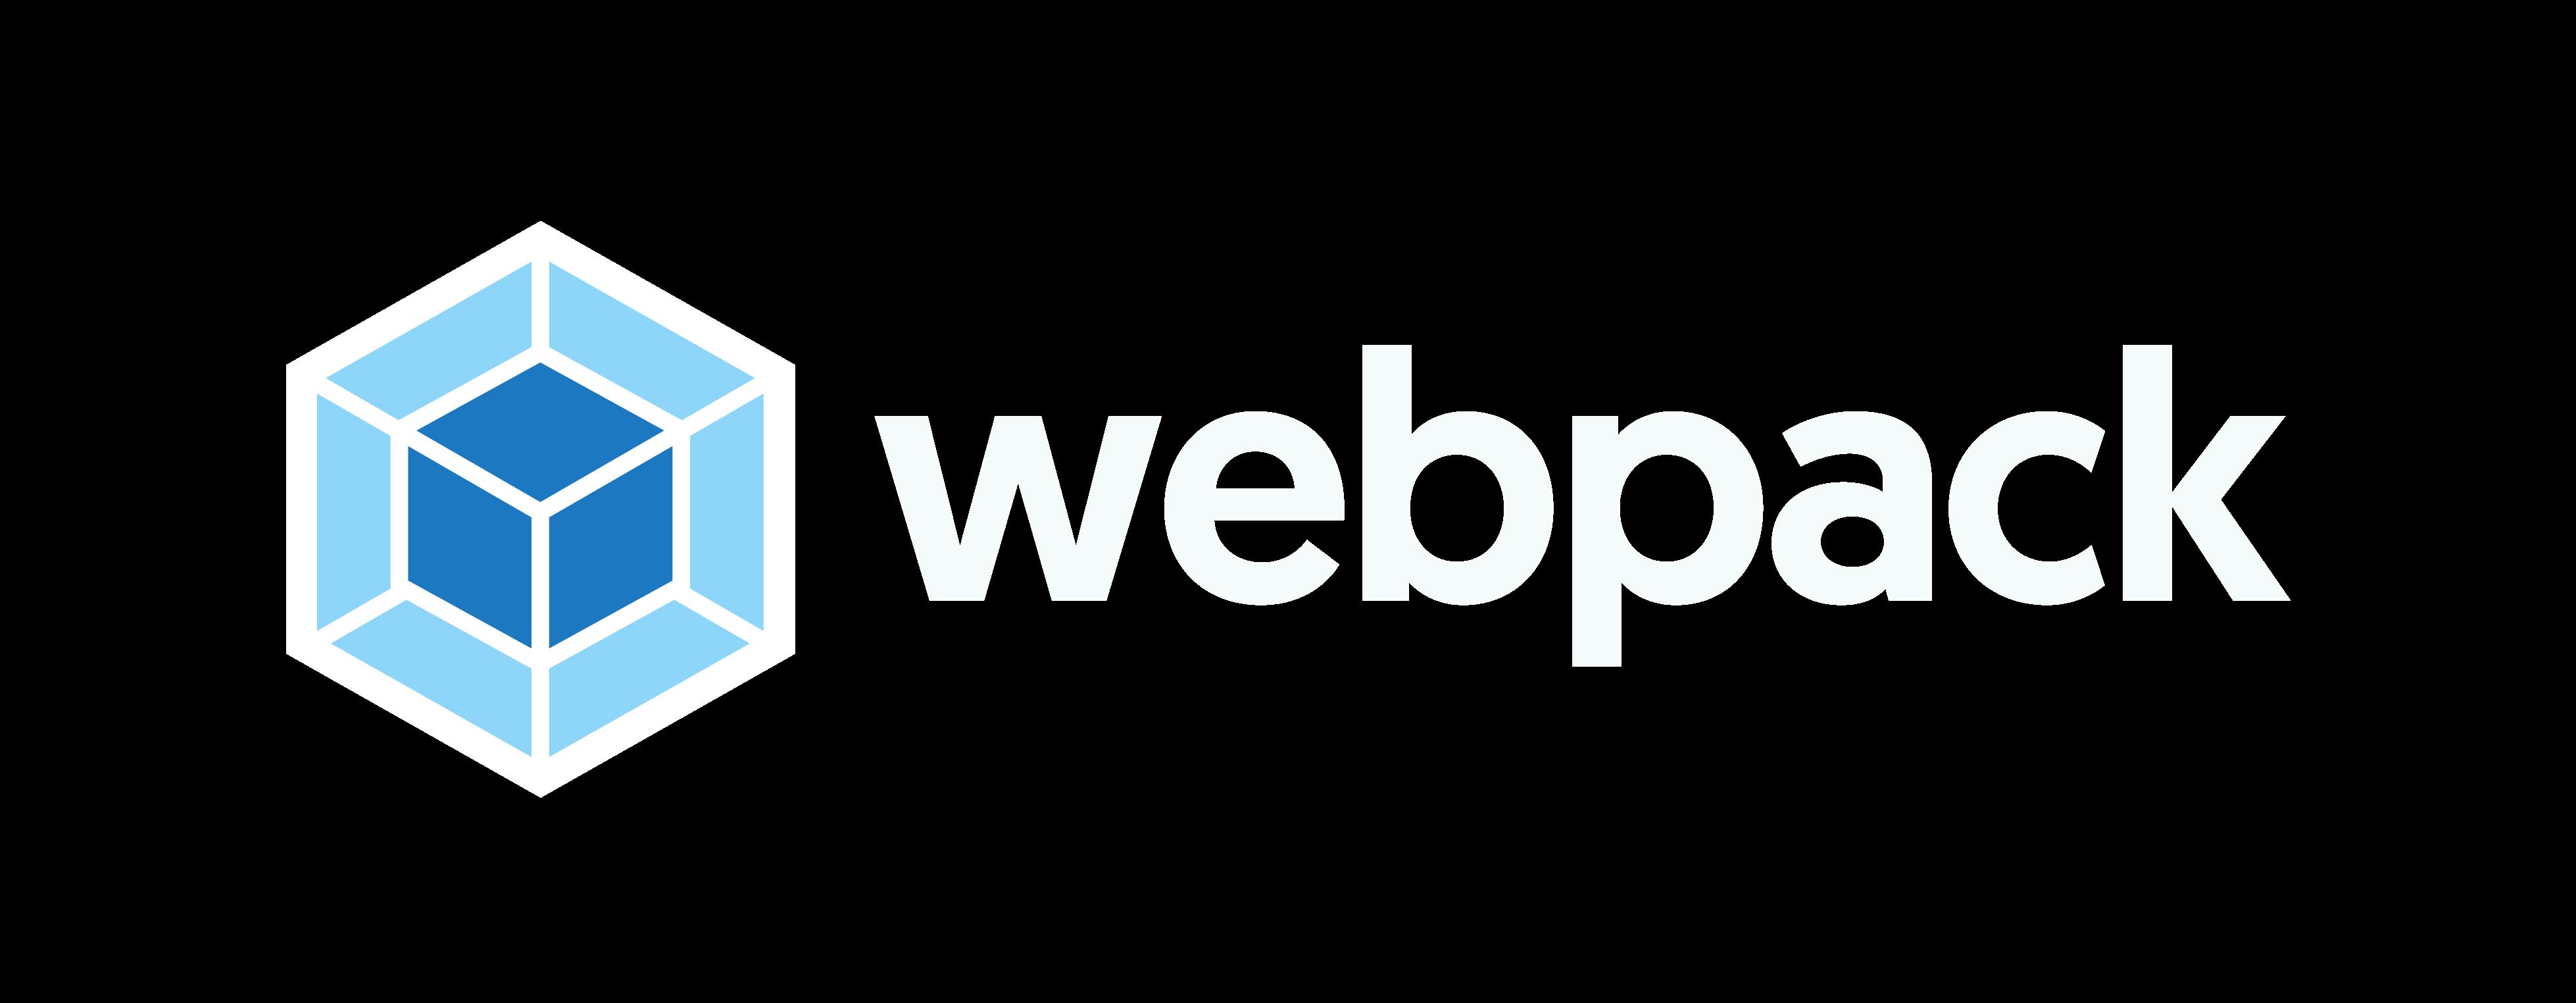 webpack logo default with proper spacing on light background